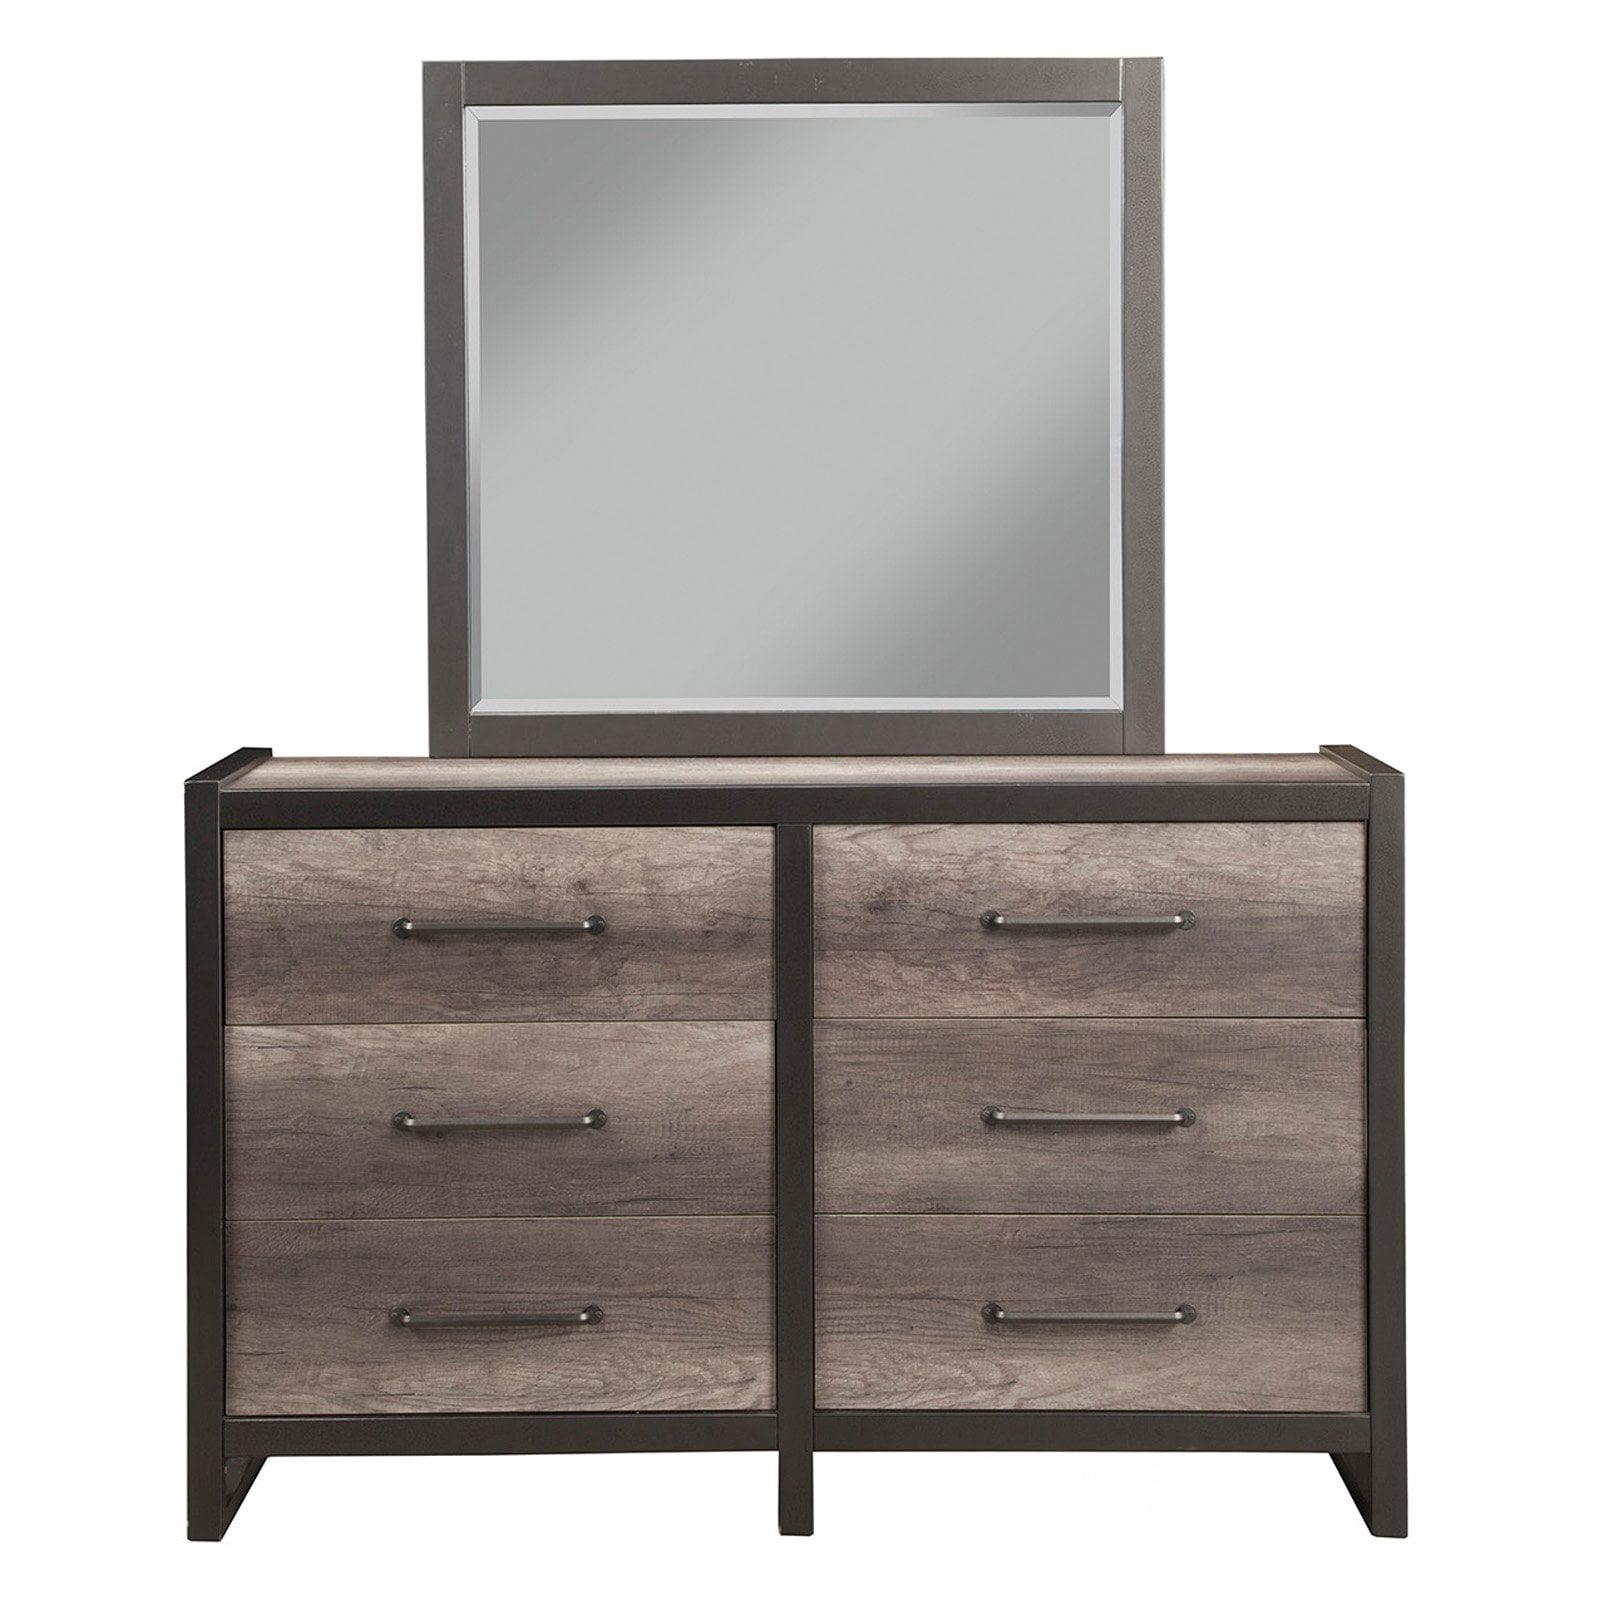 Alpine Furniture 6 Drawer Monarch Dresser